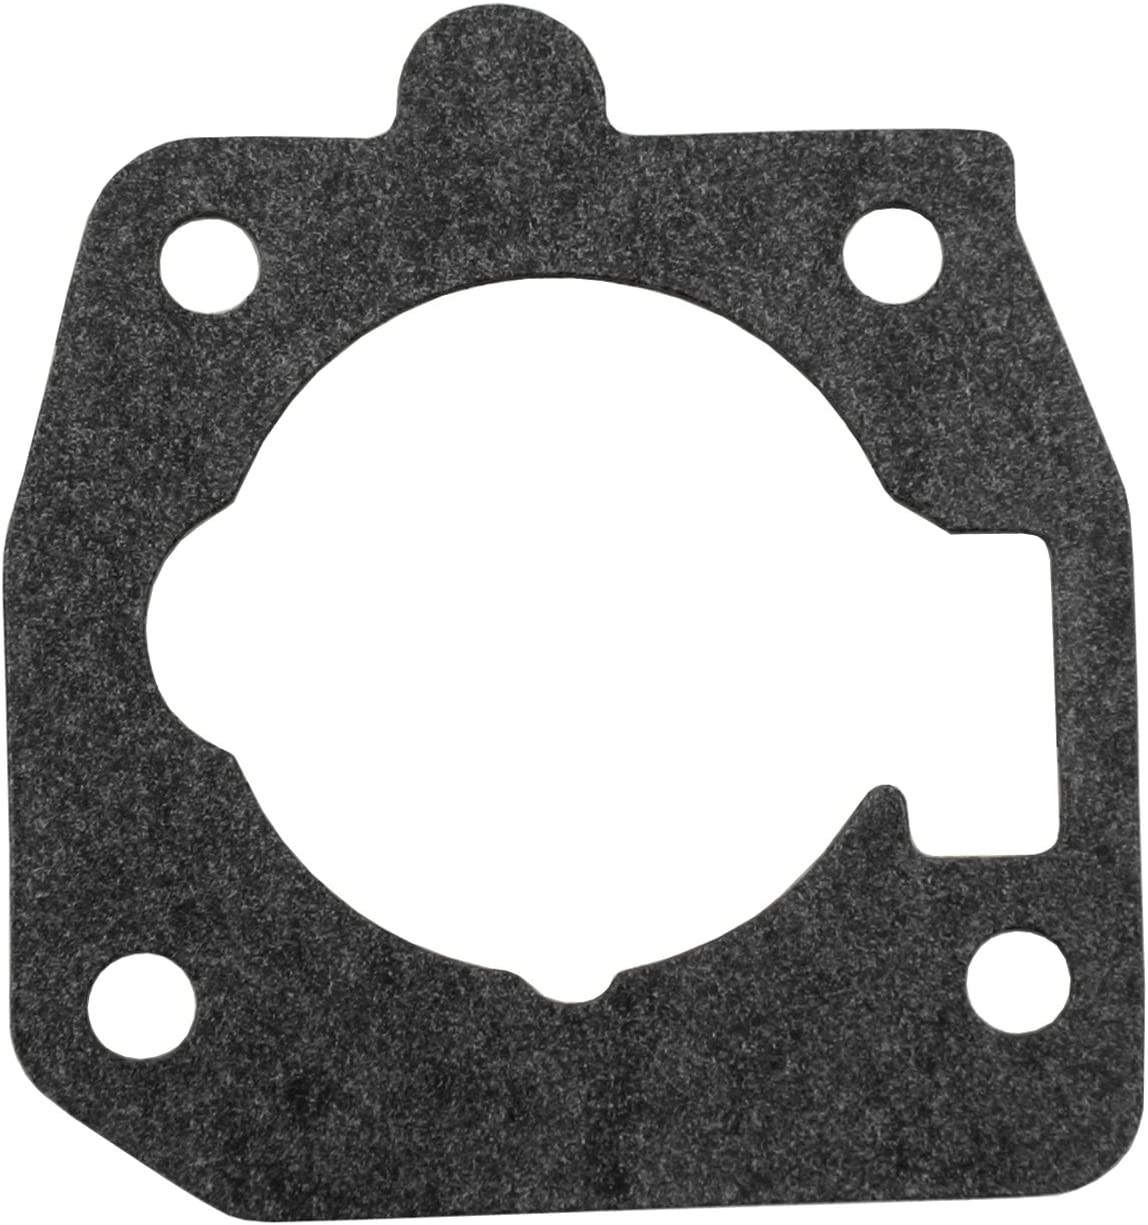 Fuel Injection Throttle Body Mounting Gasket Fel-Pro 60874